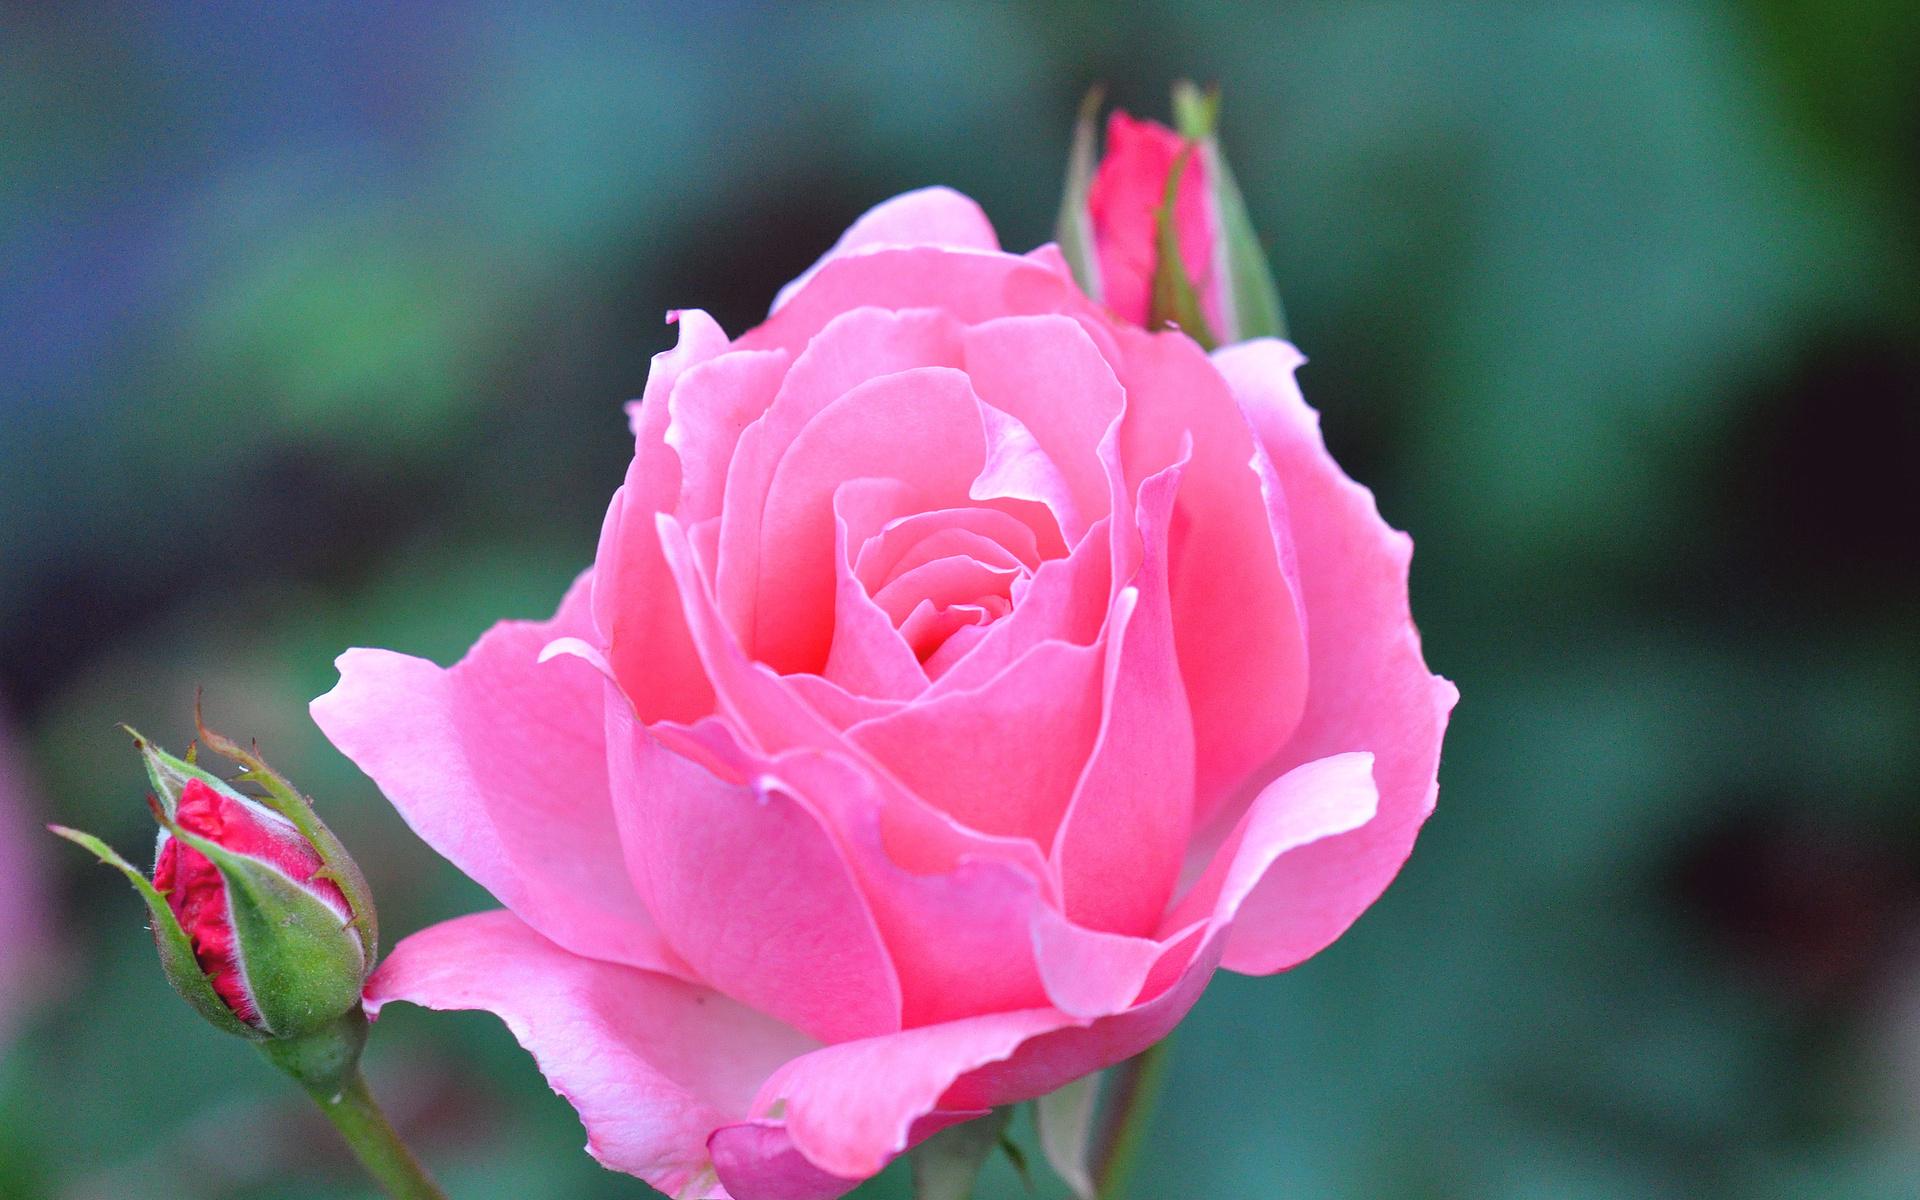 картинки роза фото новый экспресс-поздравление